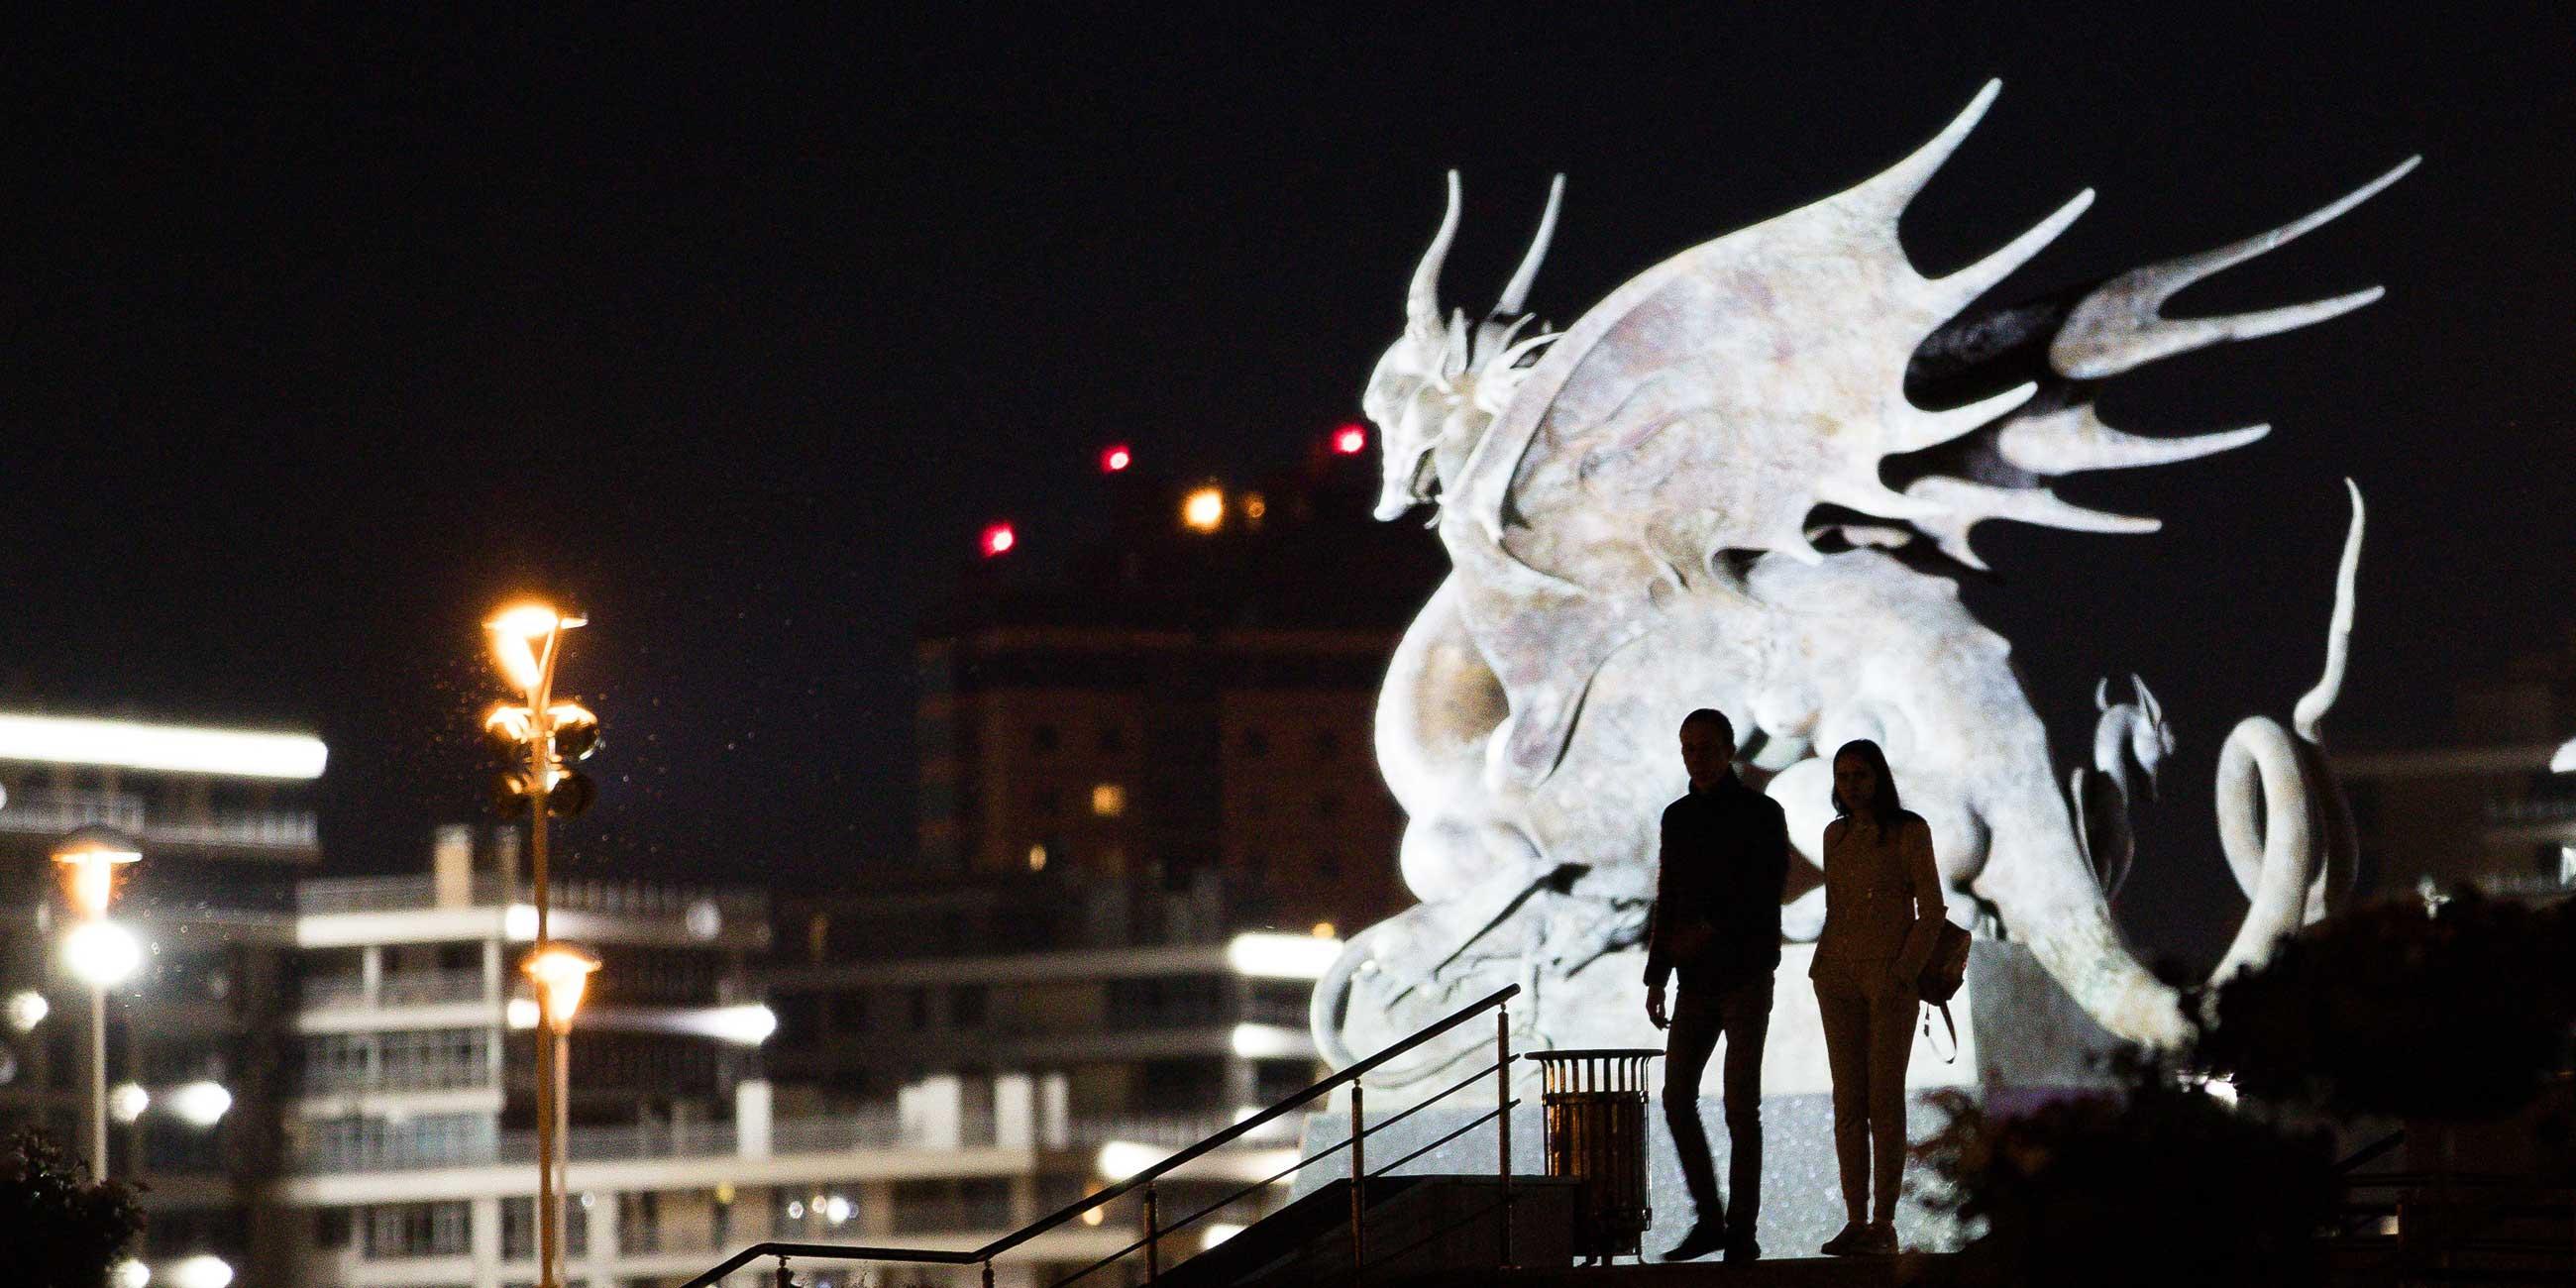 Влюбленные пары часто устраивают здесь свиданияФото: globallookpress.com